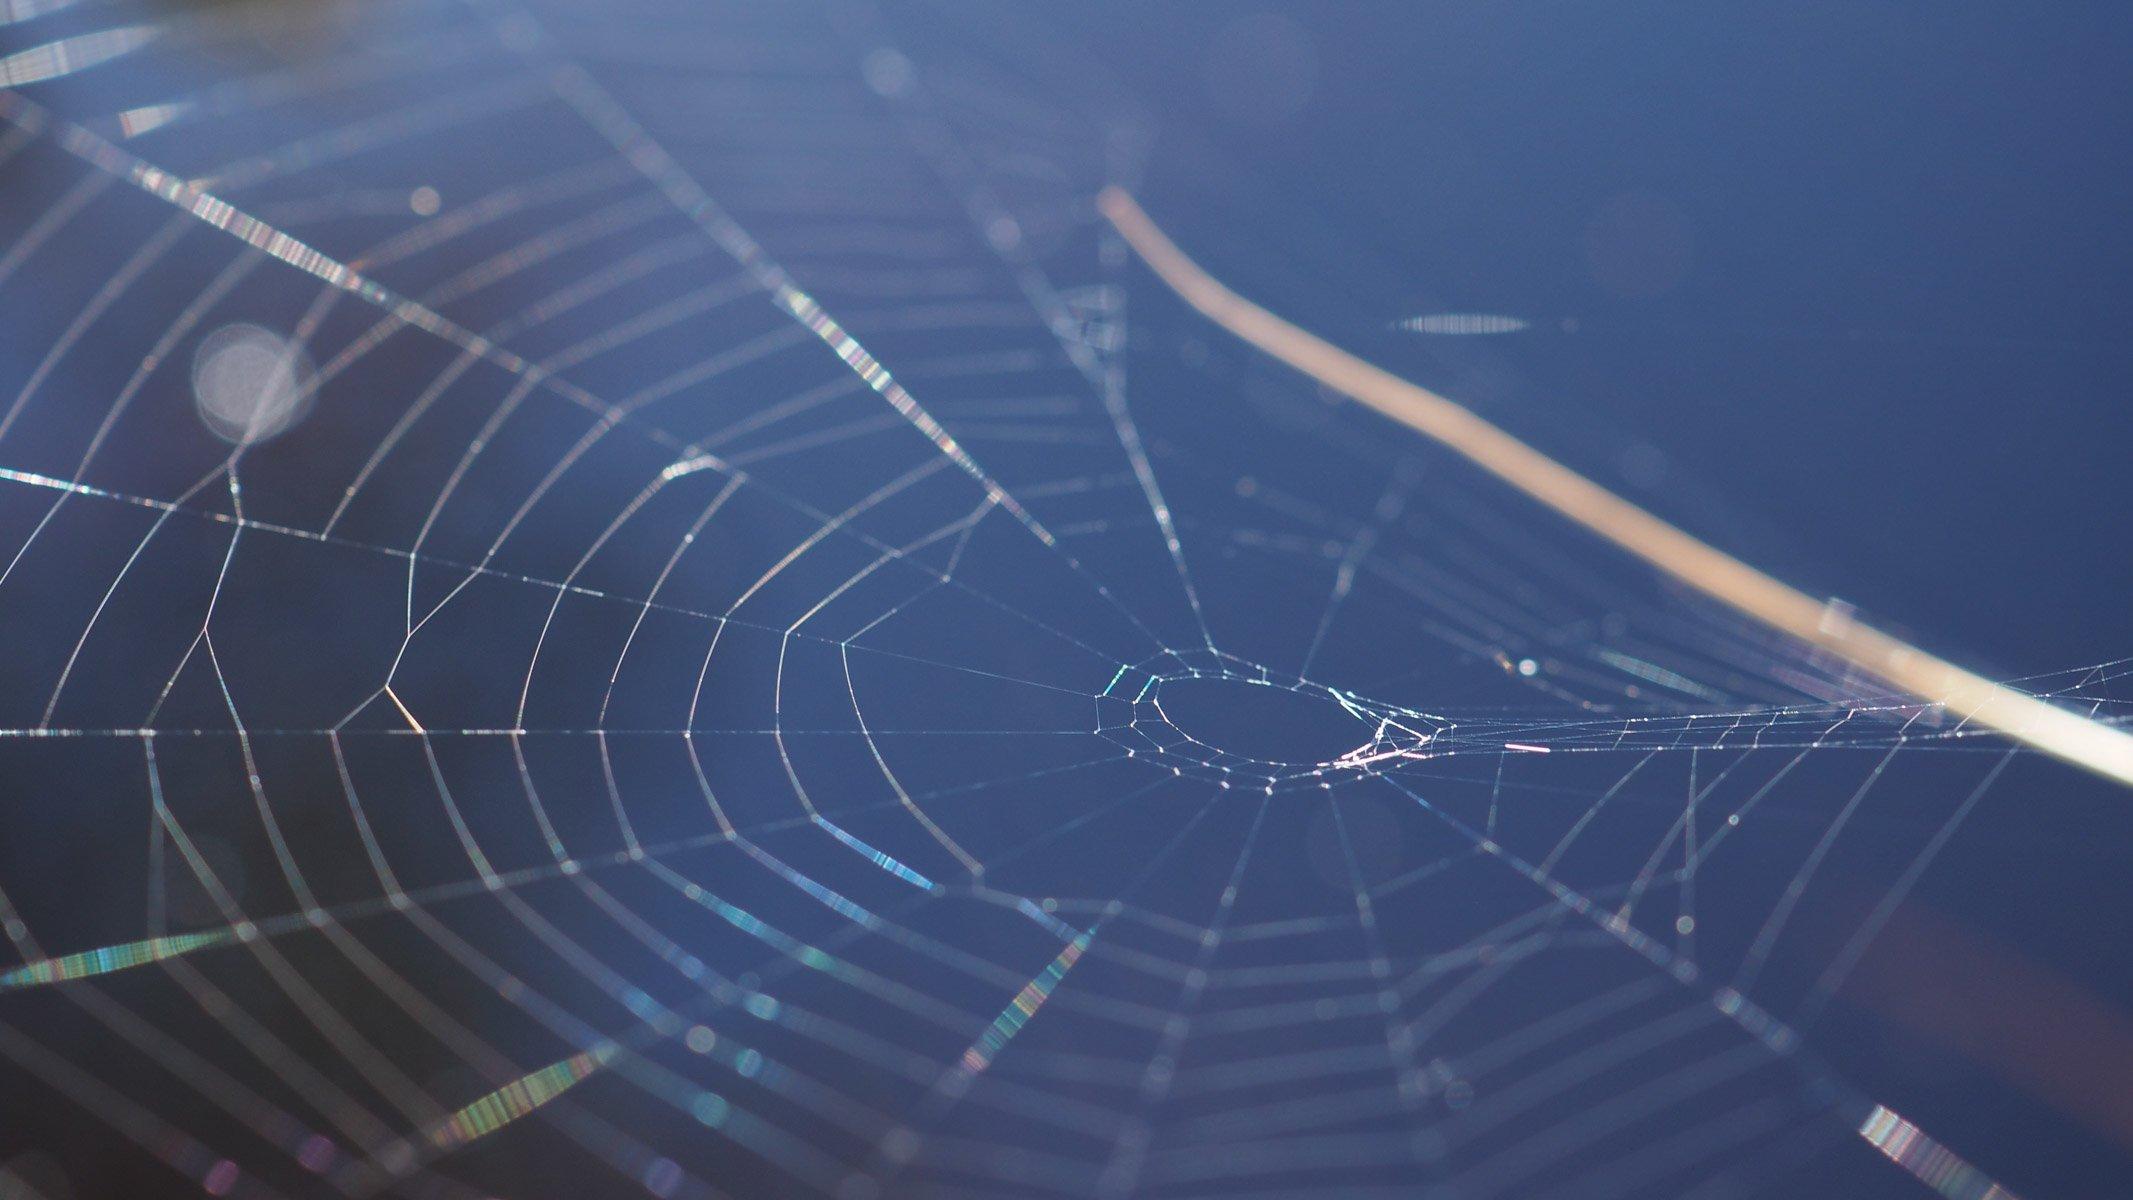 Hämähäkin seitti kiiltelee auringossa tumman veden yläpuolella.